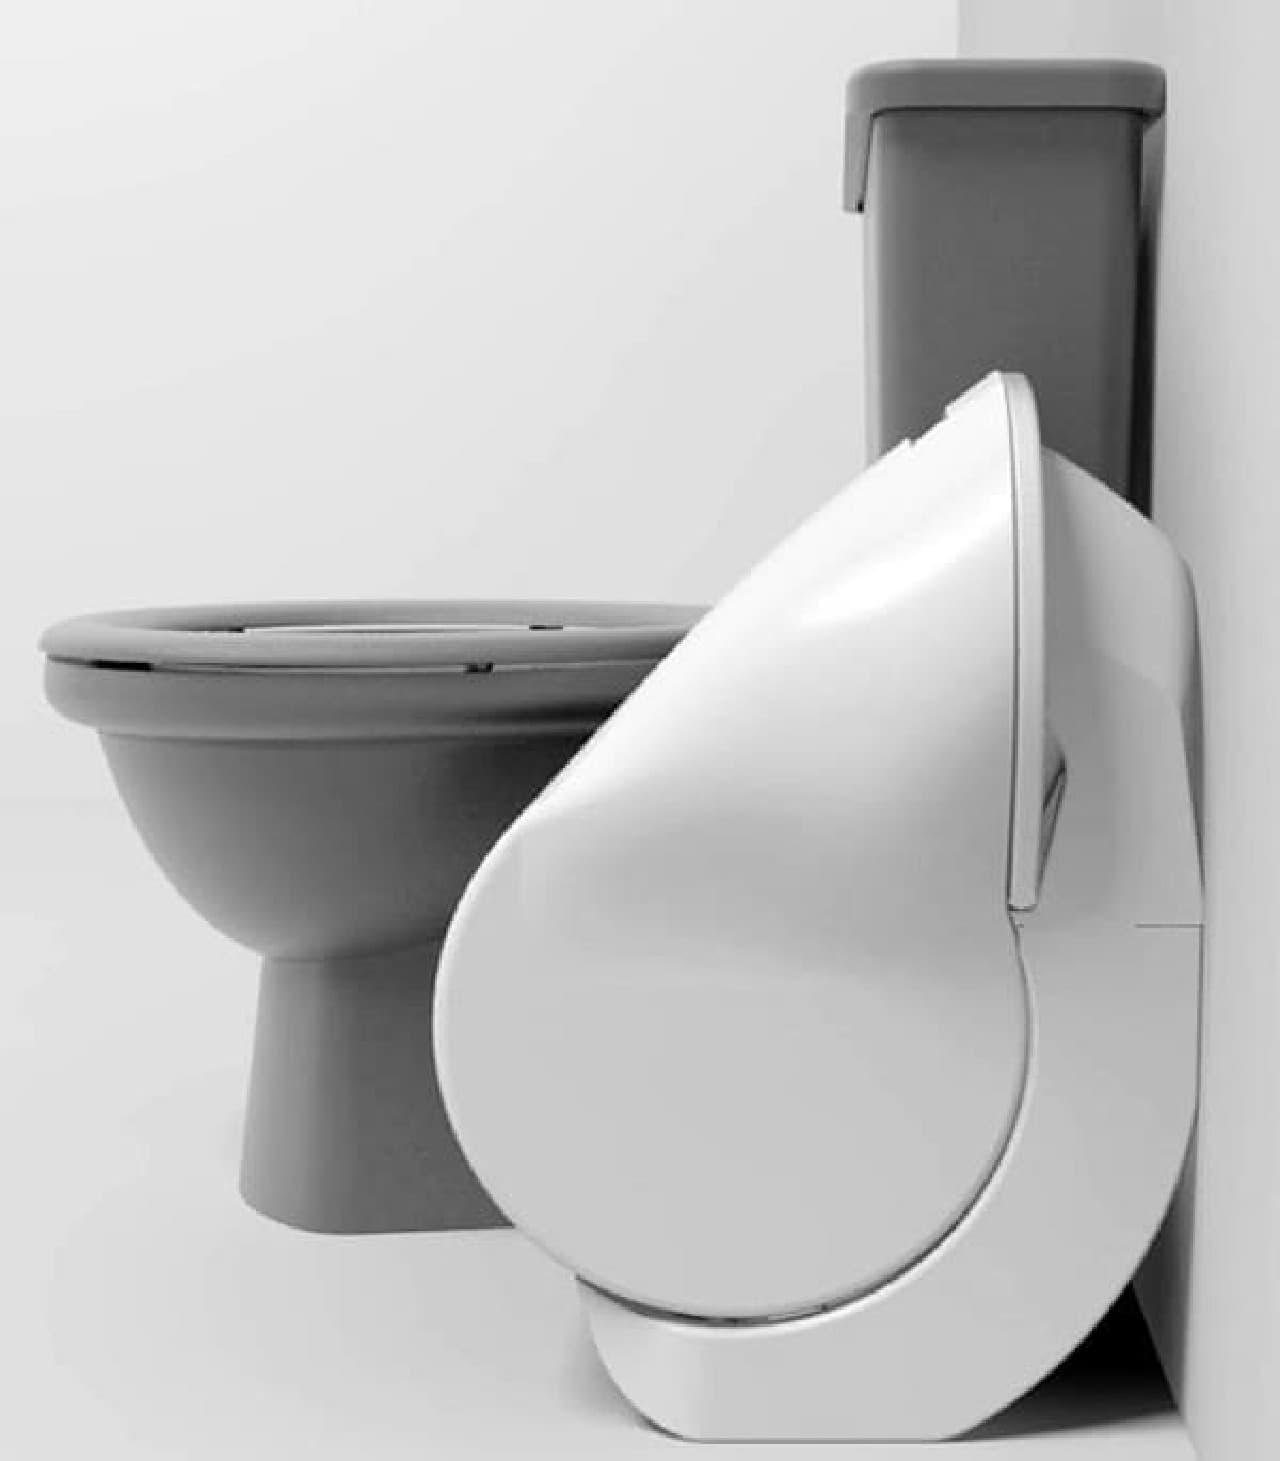 従来型トイレとのサイズ比較  「Iota Folding Toilet」がコンパクトであることがわかる